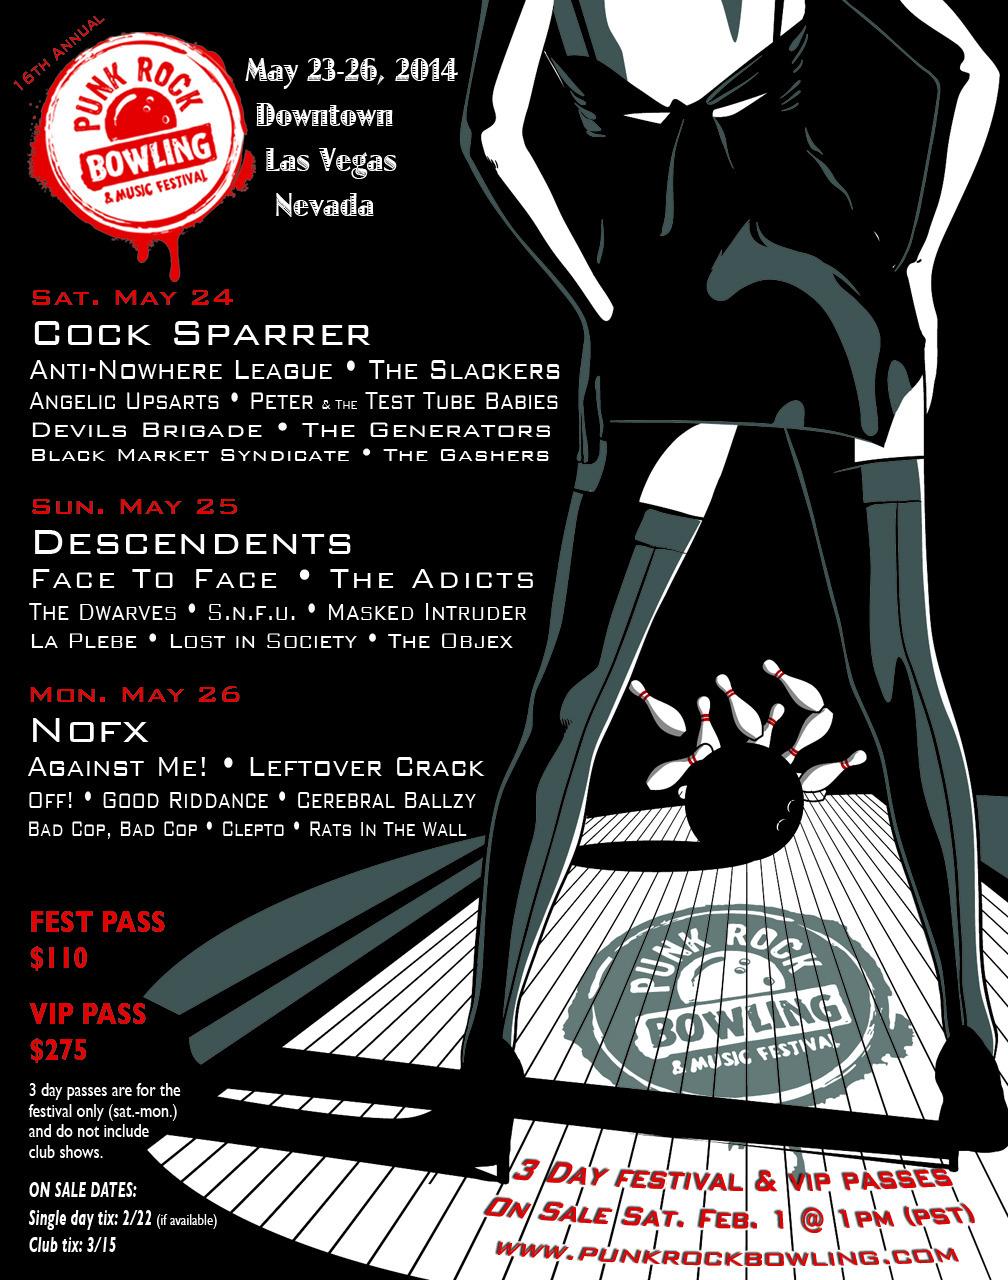 Photo zu 23. - 26.05.2014: Punk Rock Bowling - Downtown Las Vegas, NV